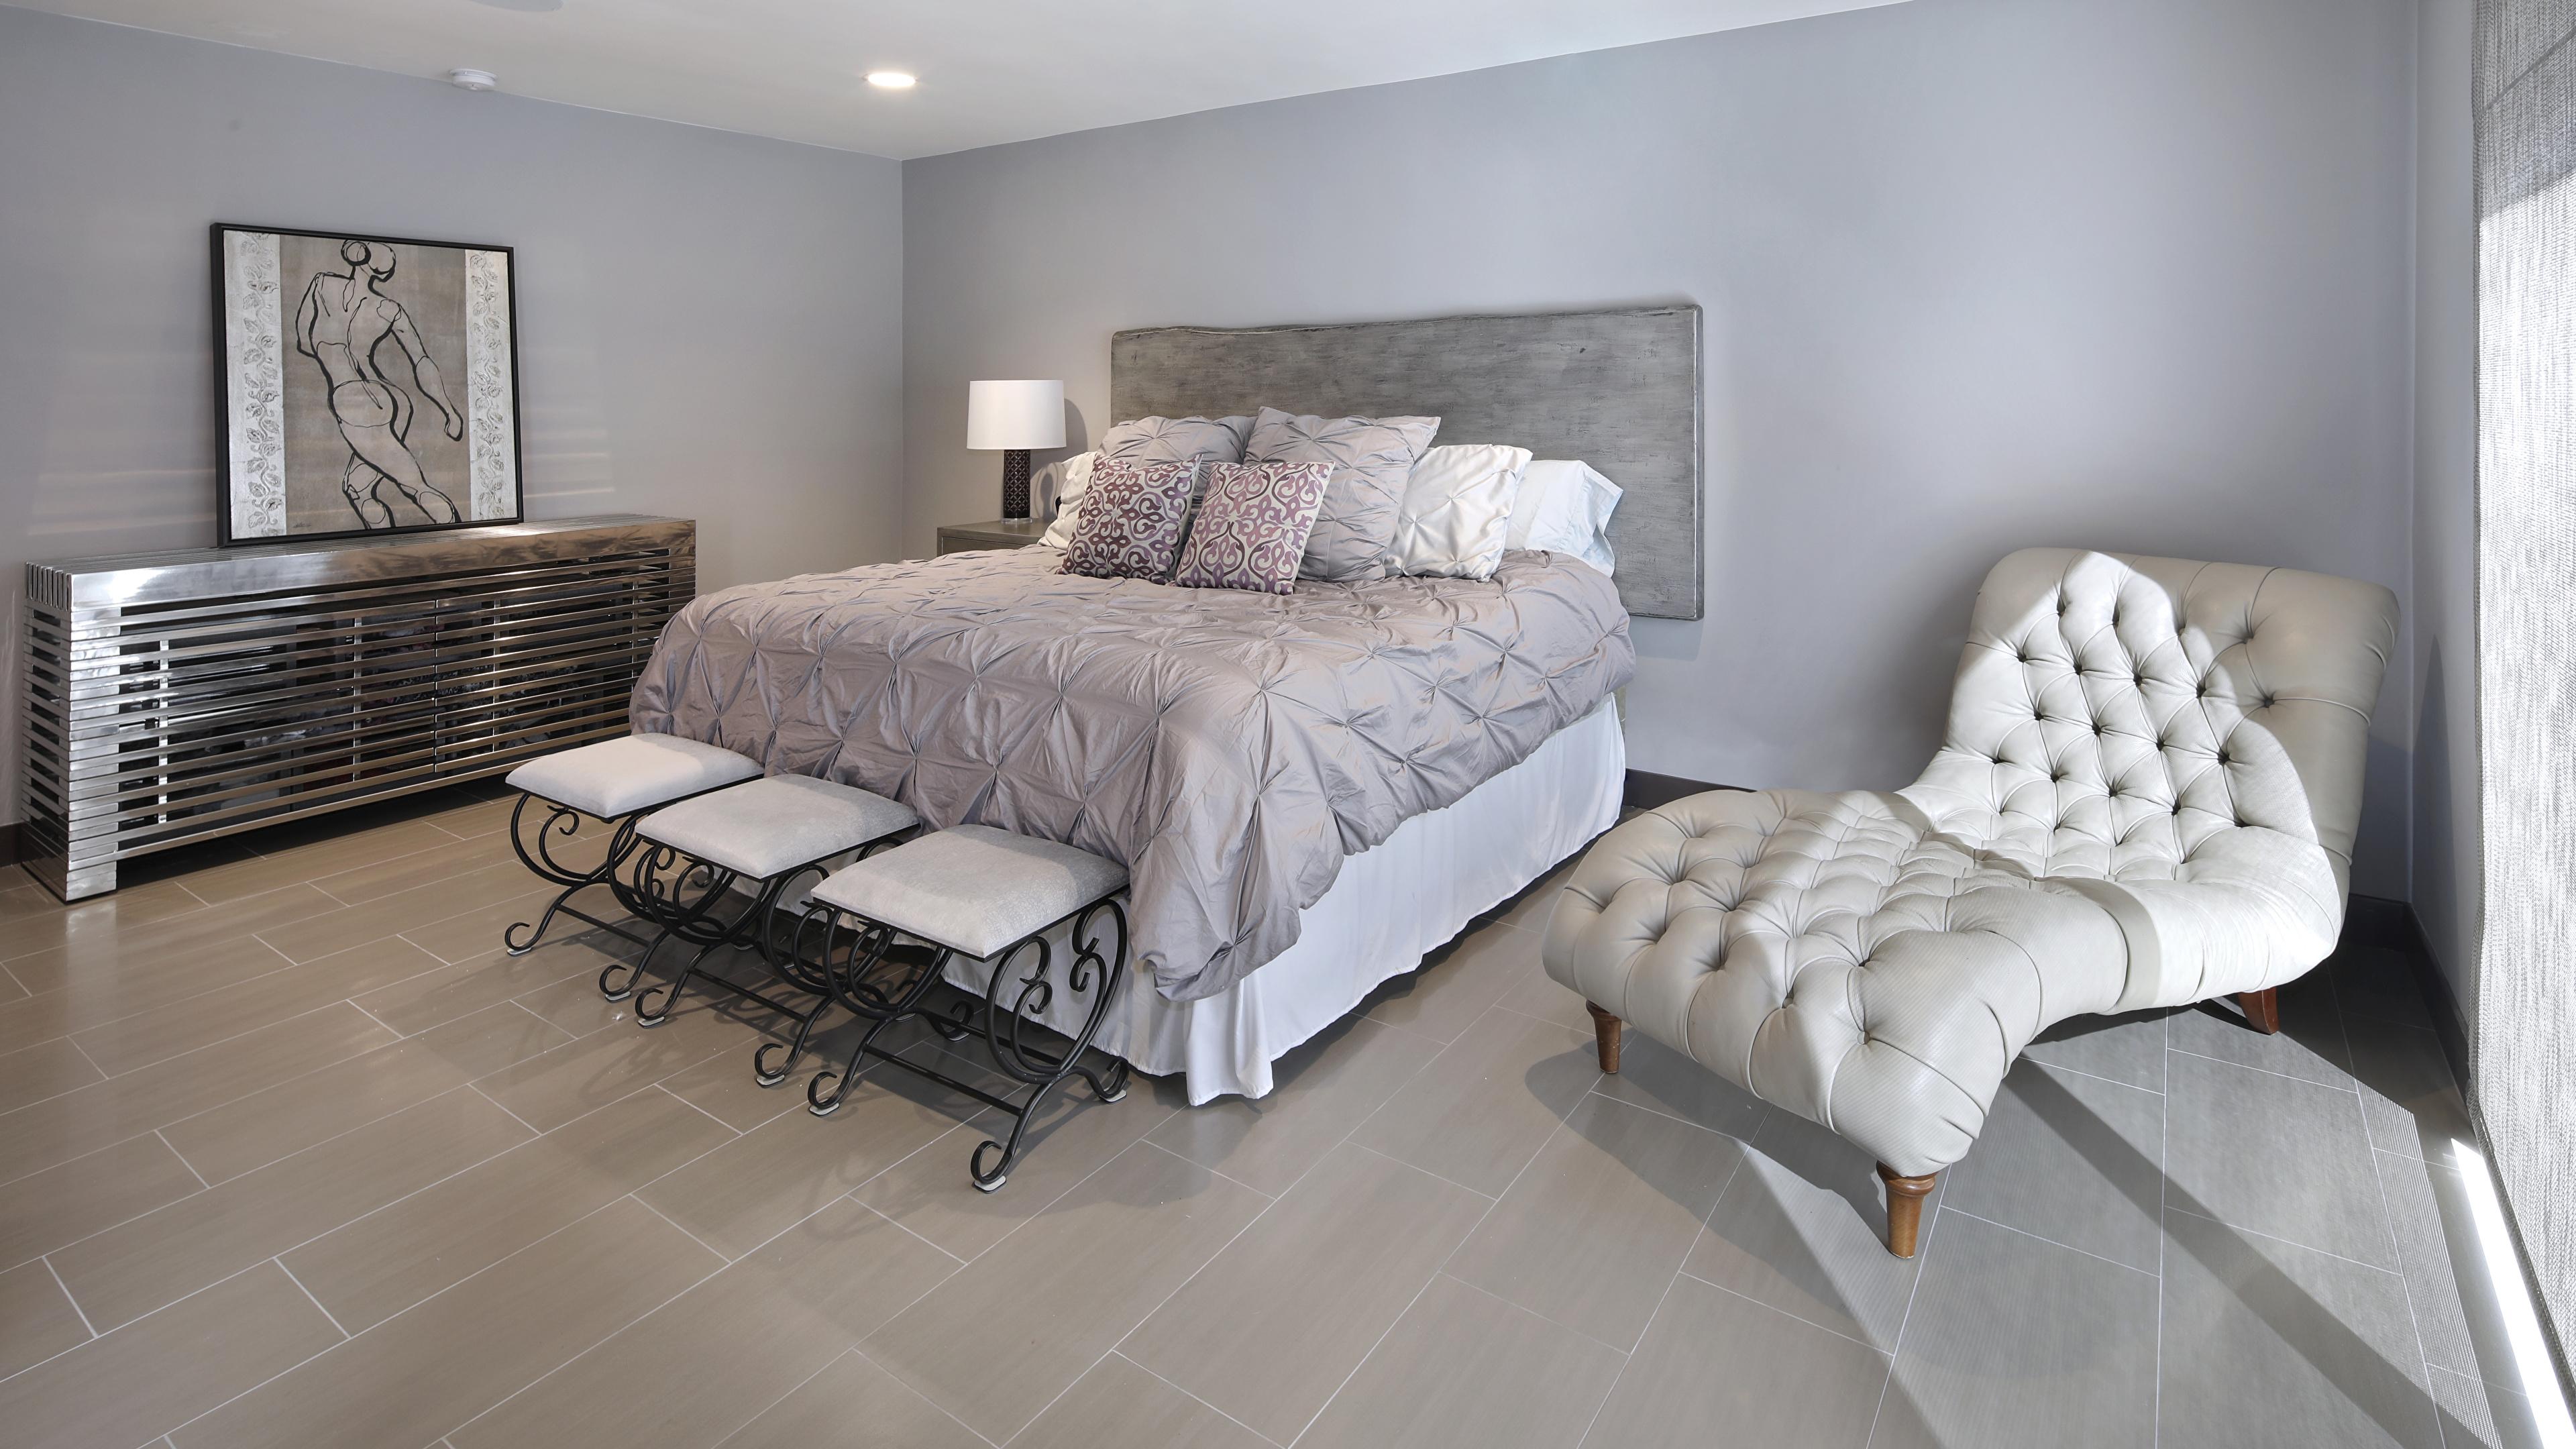 Fotos Schlafzimmer Innenarchitektur Bett Sessel Design 3840x2160